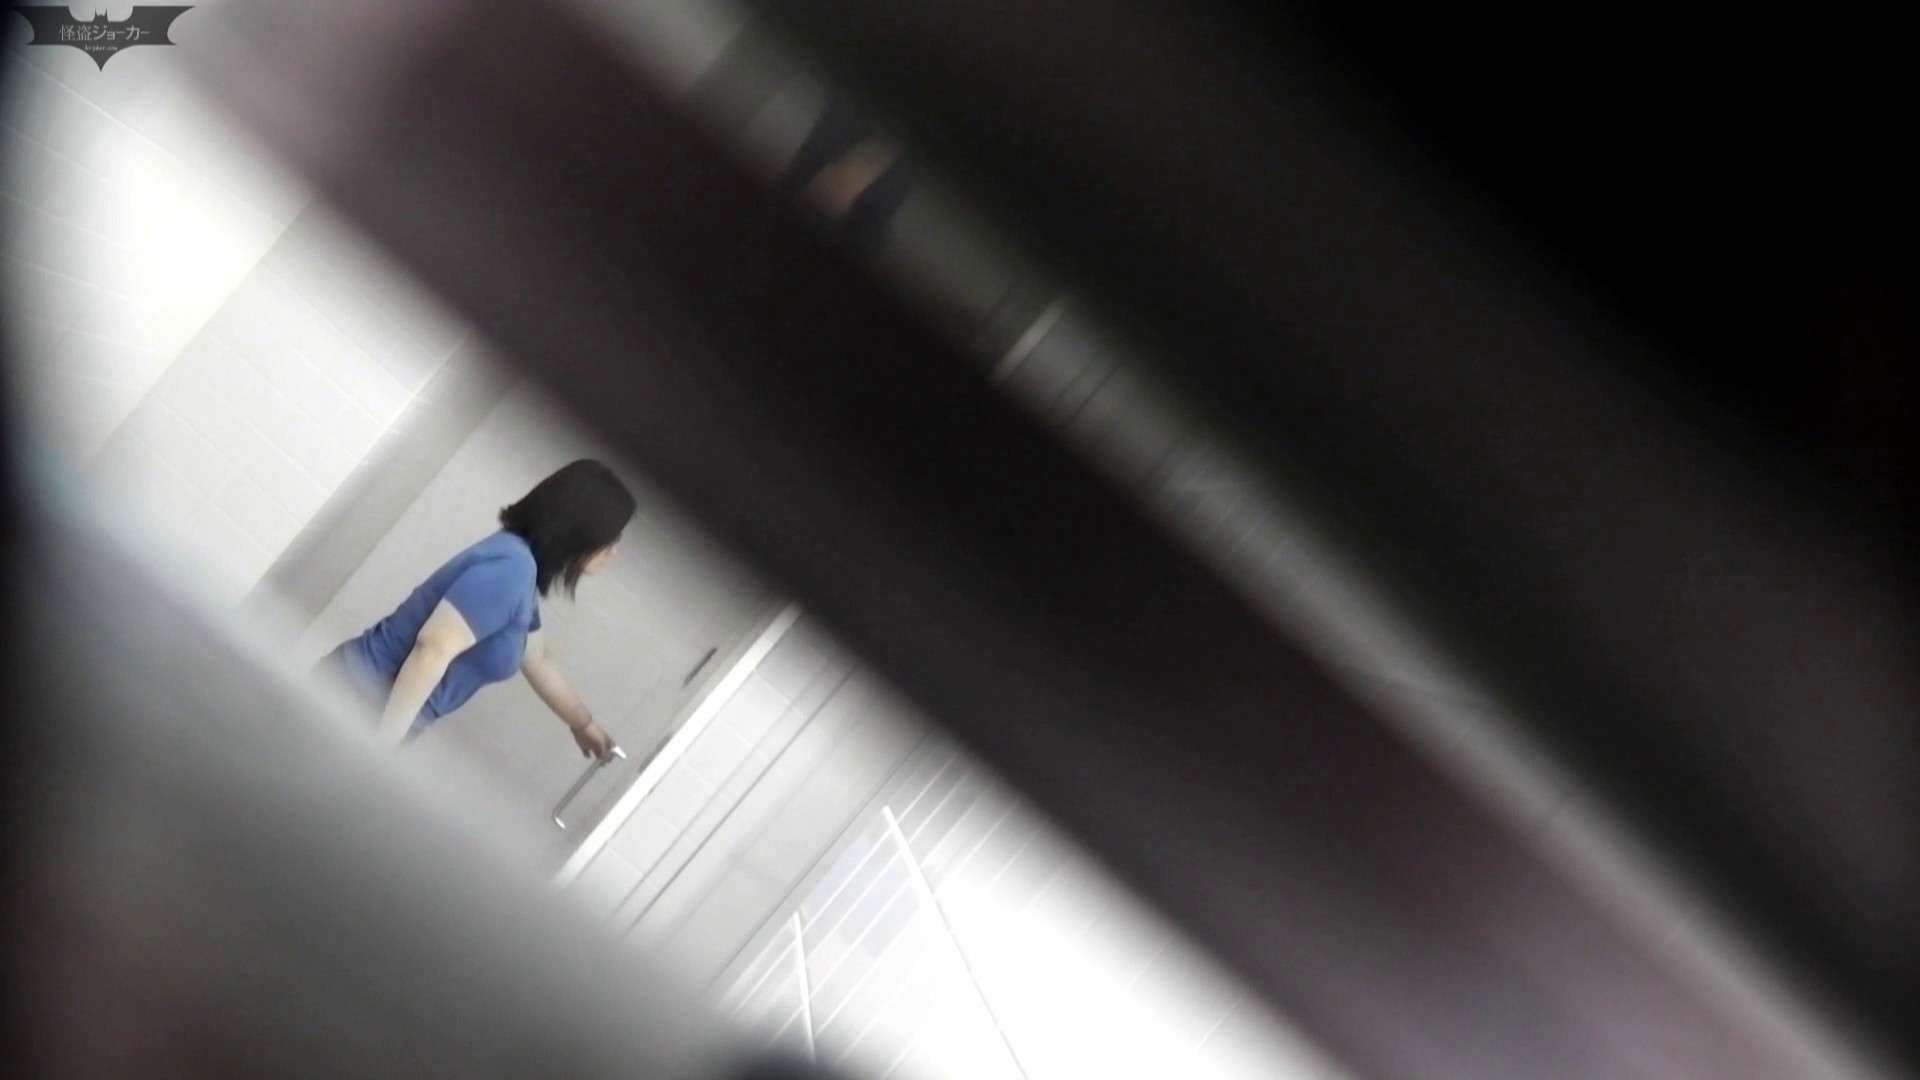 お銀 vol.68 無謀に通路に飛び出て一番明るいフロント撮り実現、見所満載 美人  103pic 79